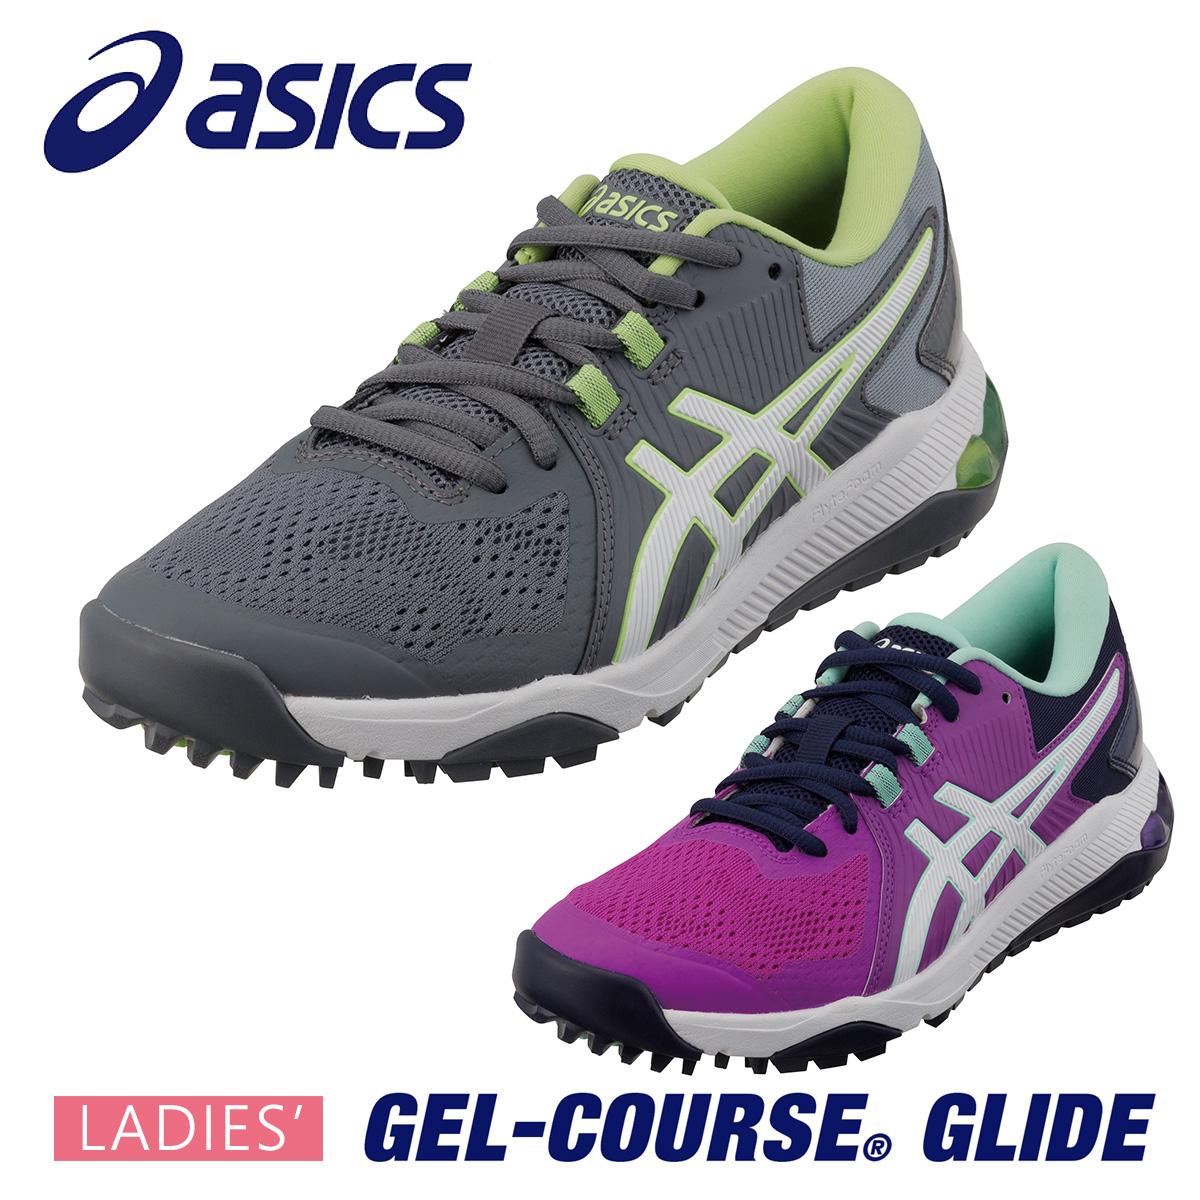 ASICS(アシックス)日本正規品 GEL-COURSE GLIDE (ゲルコース グライド) スパイクレス ゴルフシューズ 2020新製品 レディスモデル 「1112A017」【あす楽対応】